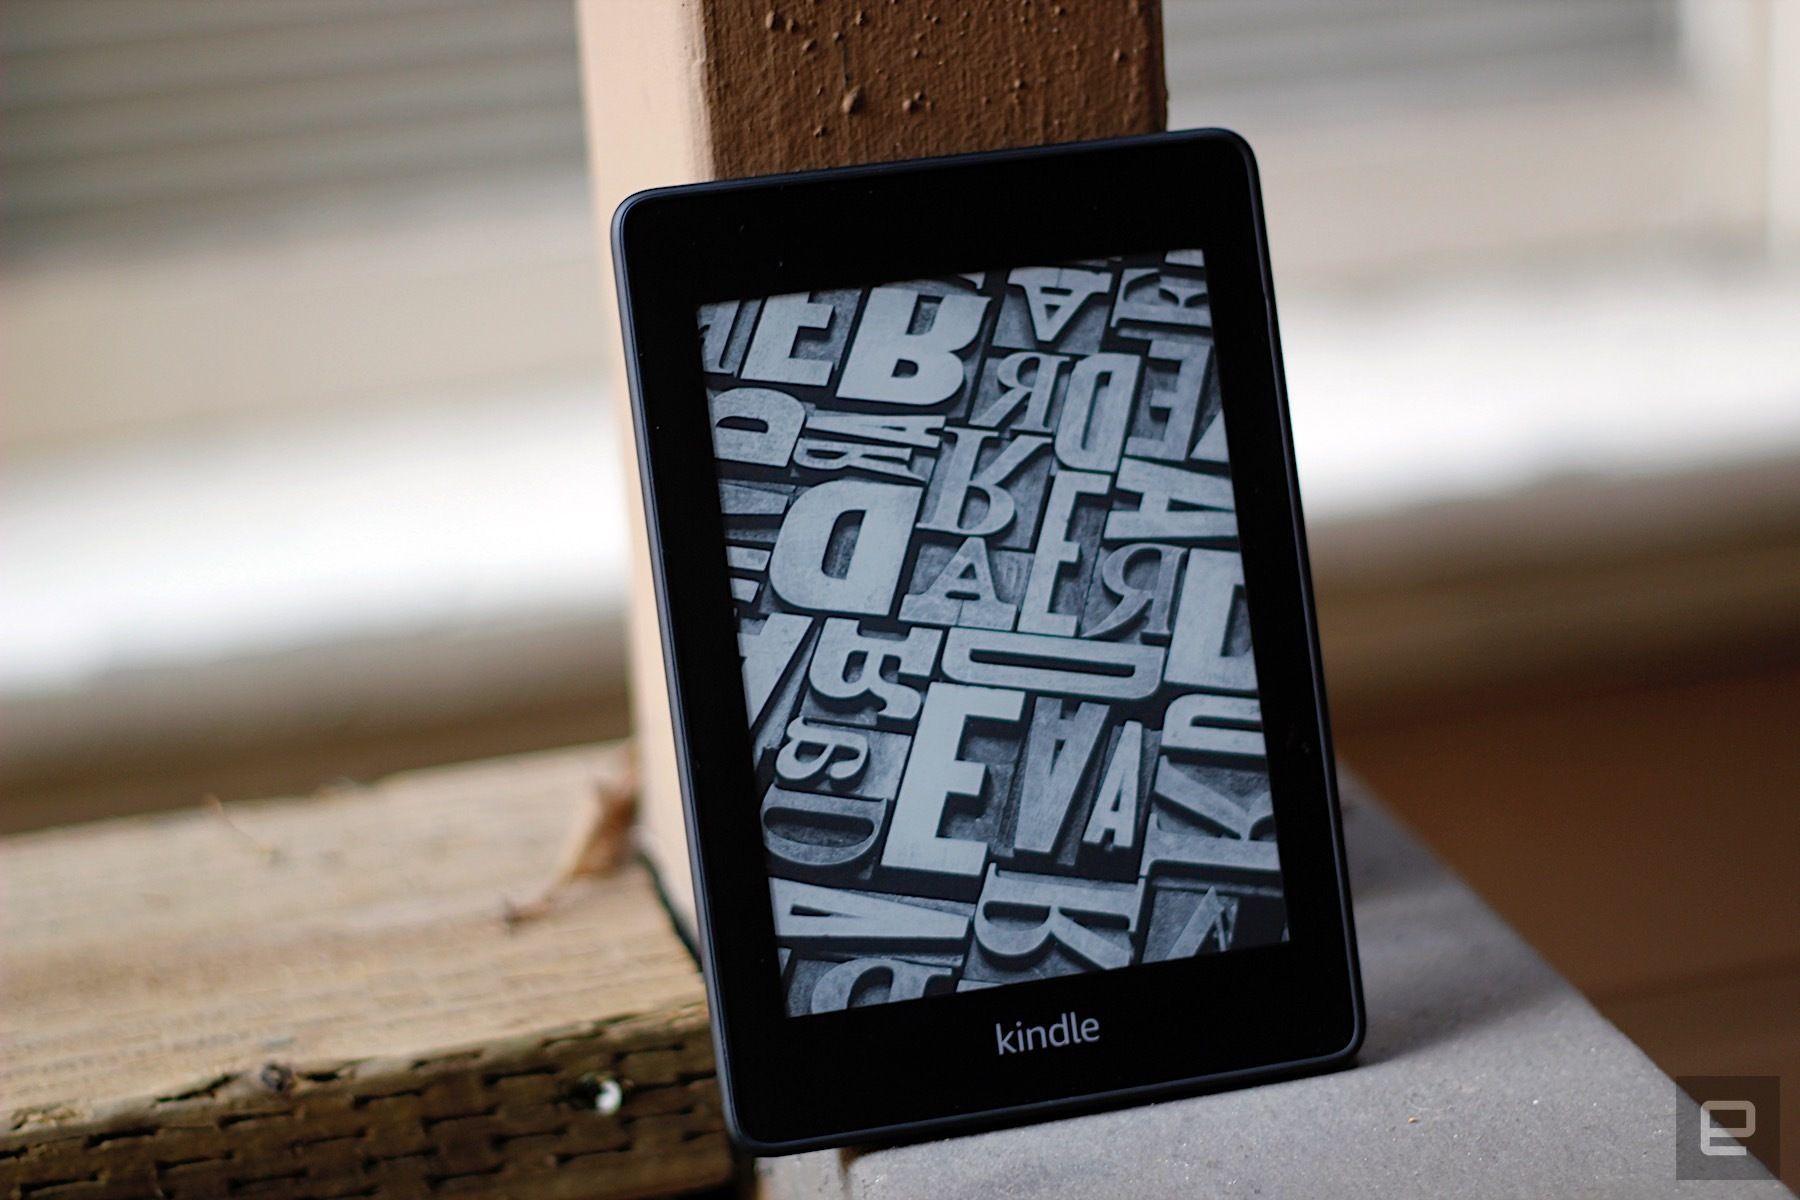 Amazon'un Kindle Paperwhite'ı şu anda 80$ gibi rekor bir düşük fiyatla satışta | Engadget